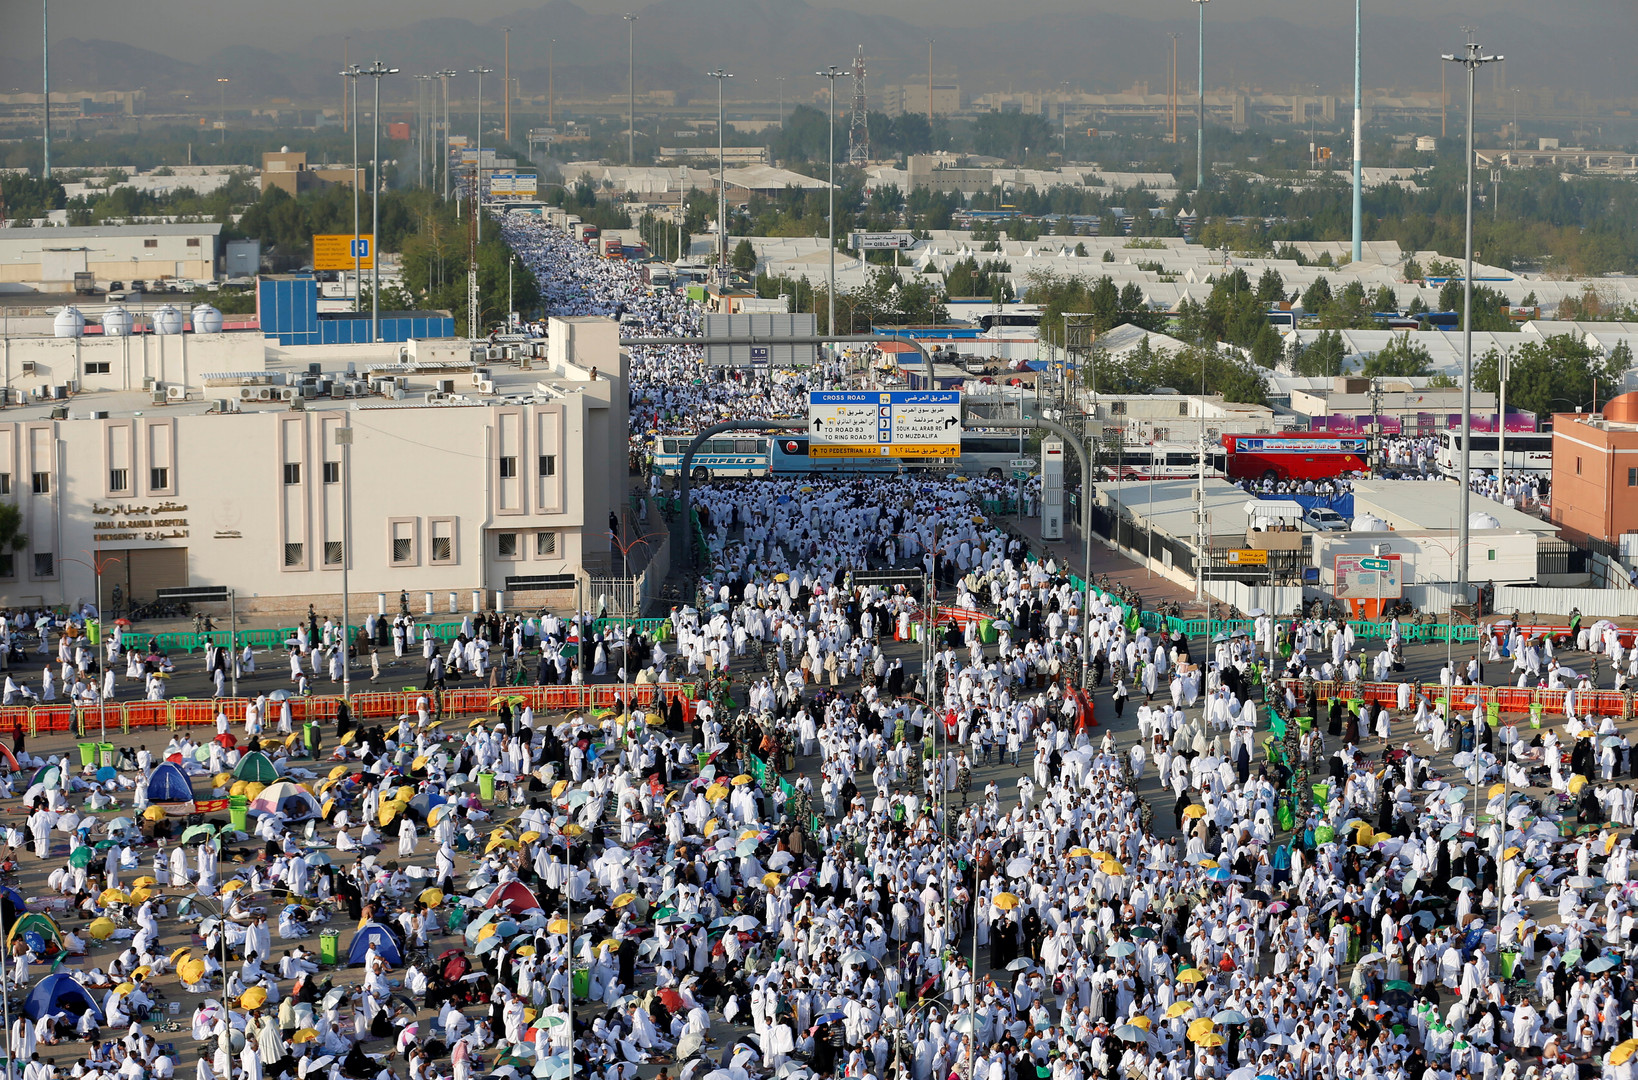 Pilgermassen in Mekka - Dieses Jahr ohne iranische Beteiligung.